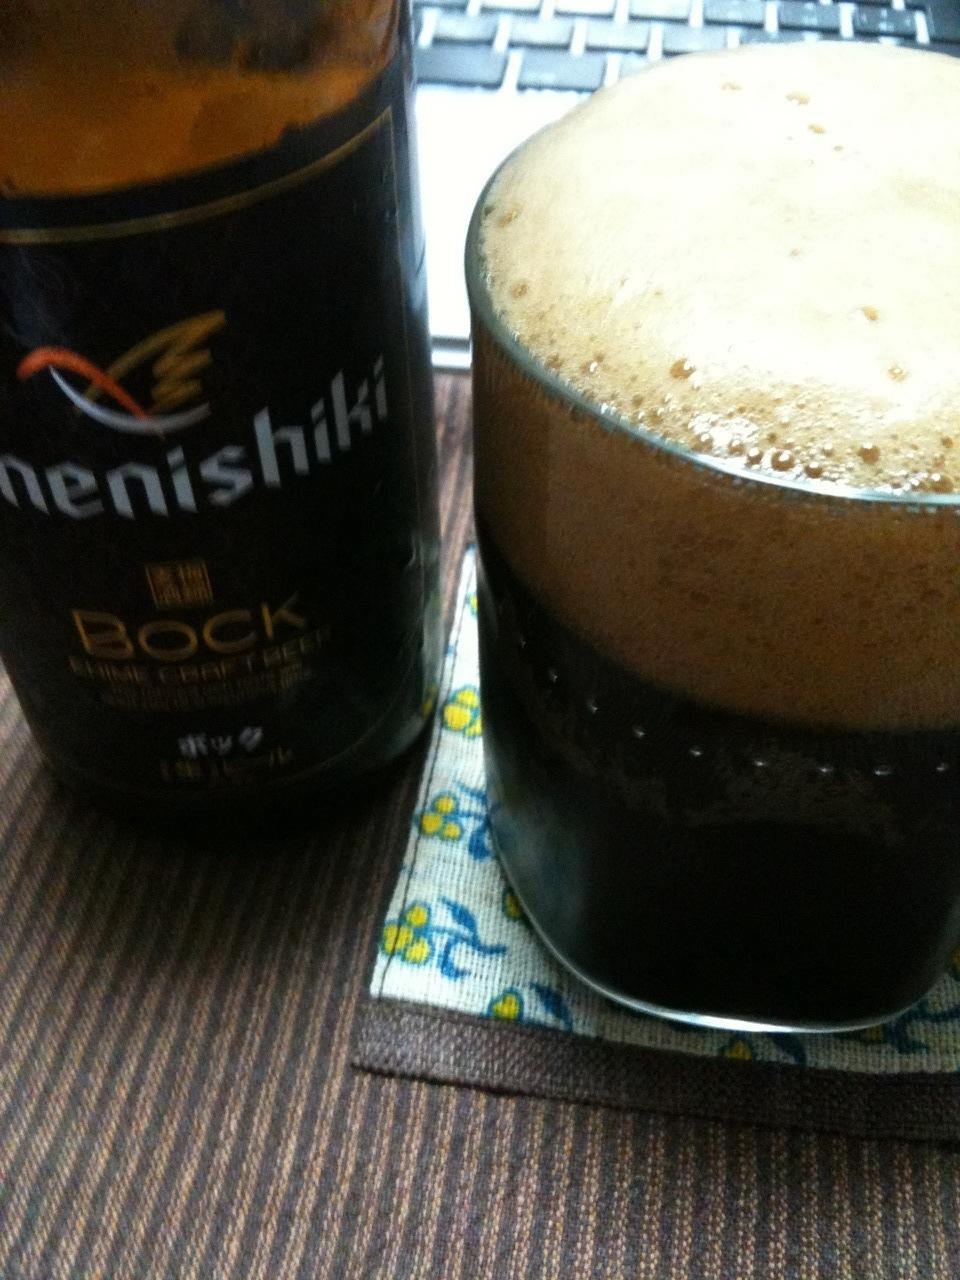 梅錦ビール(ボック)